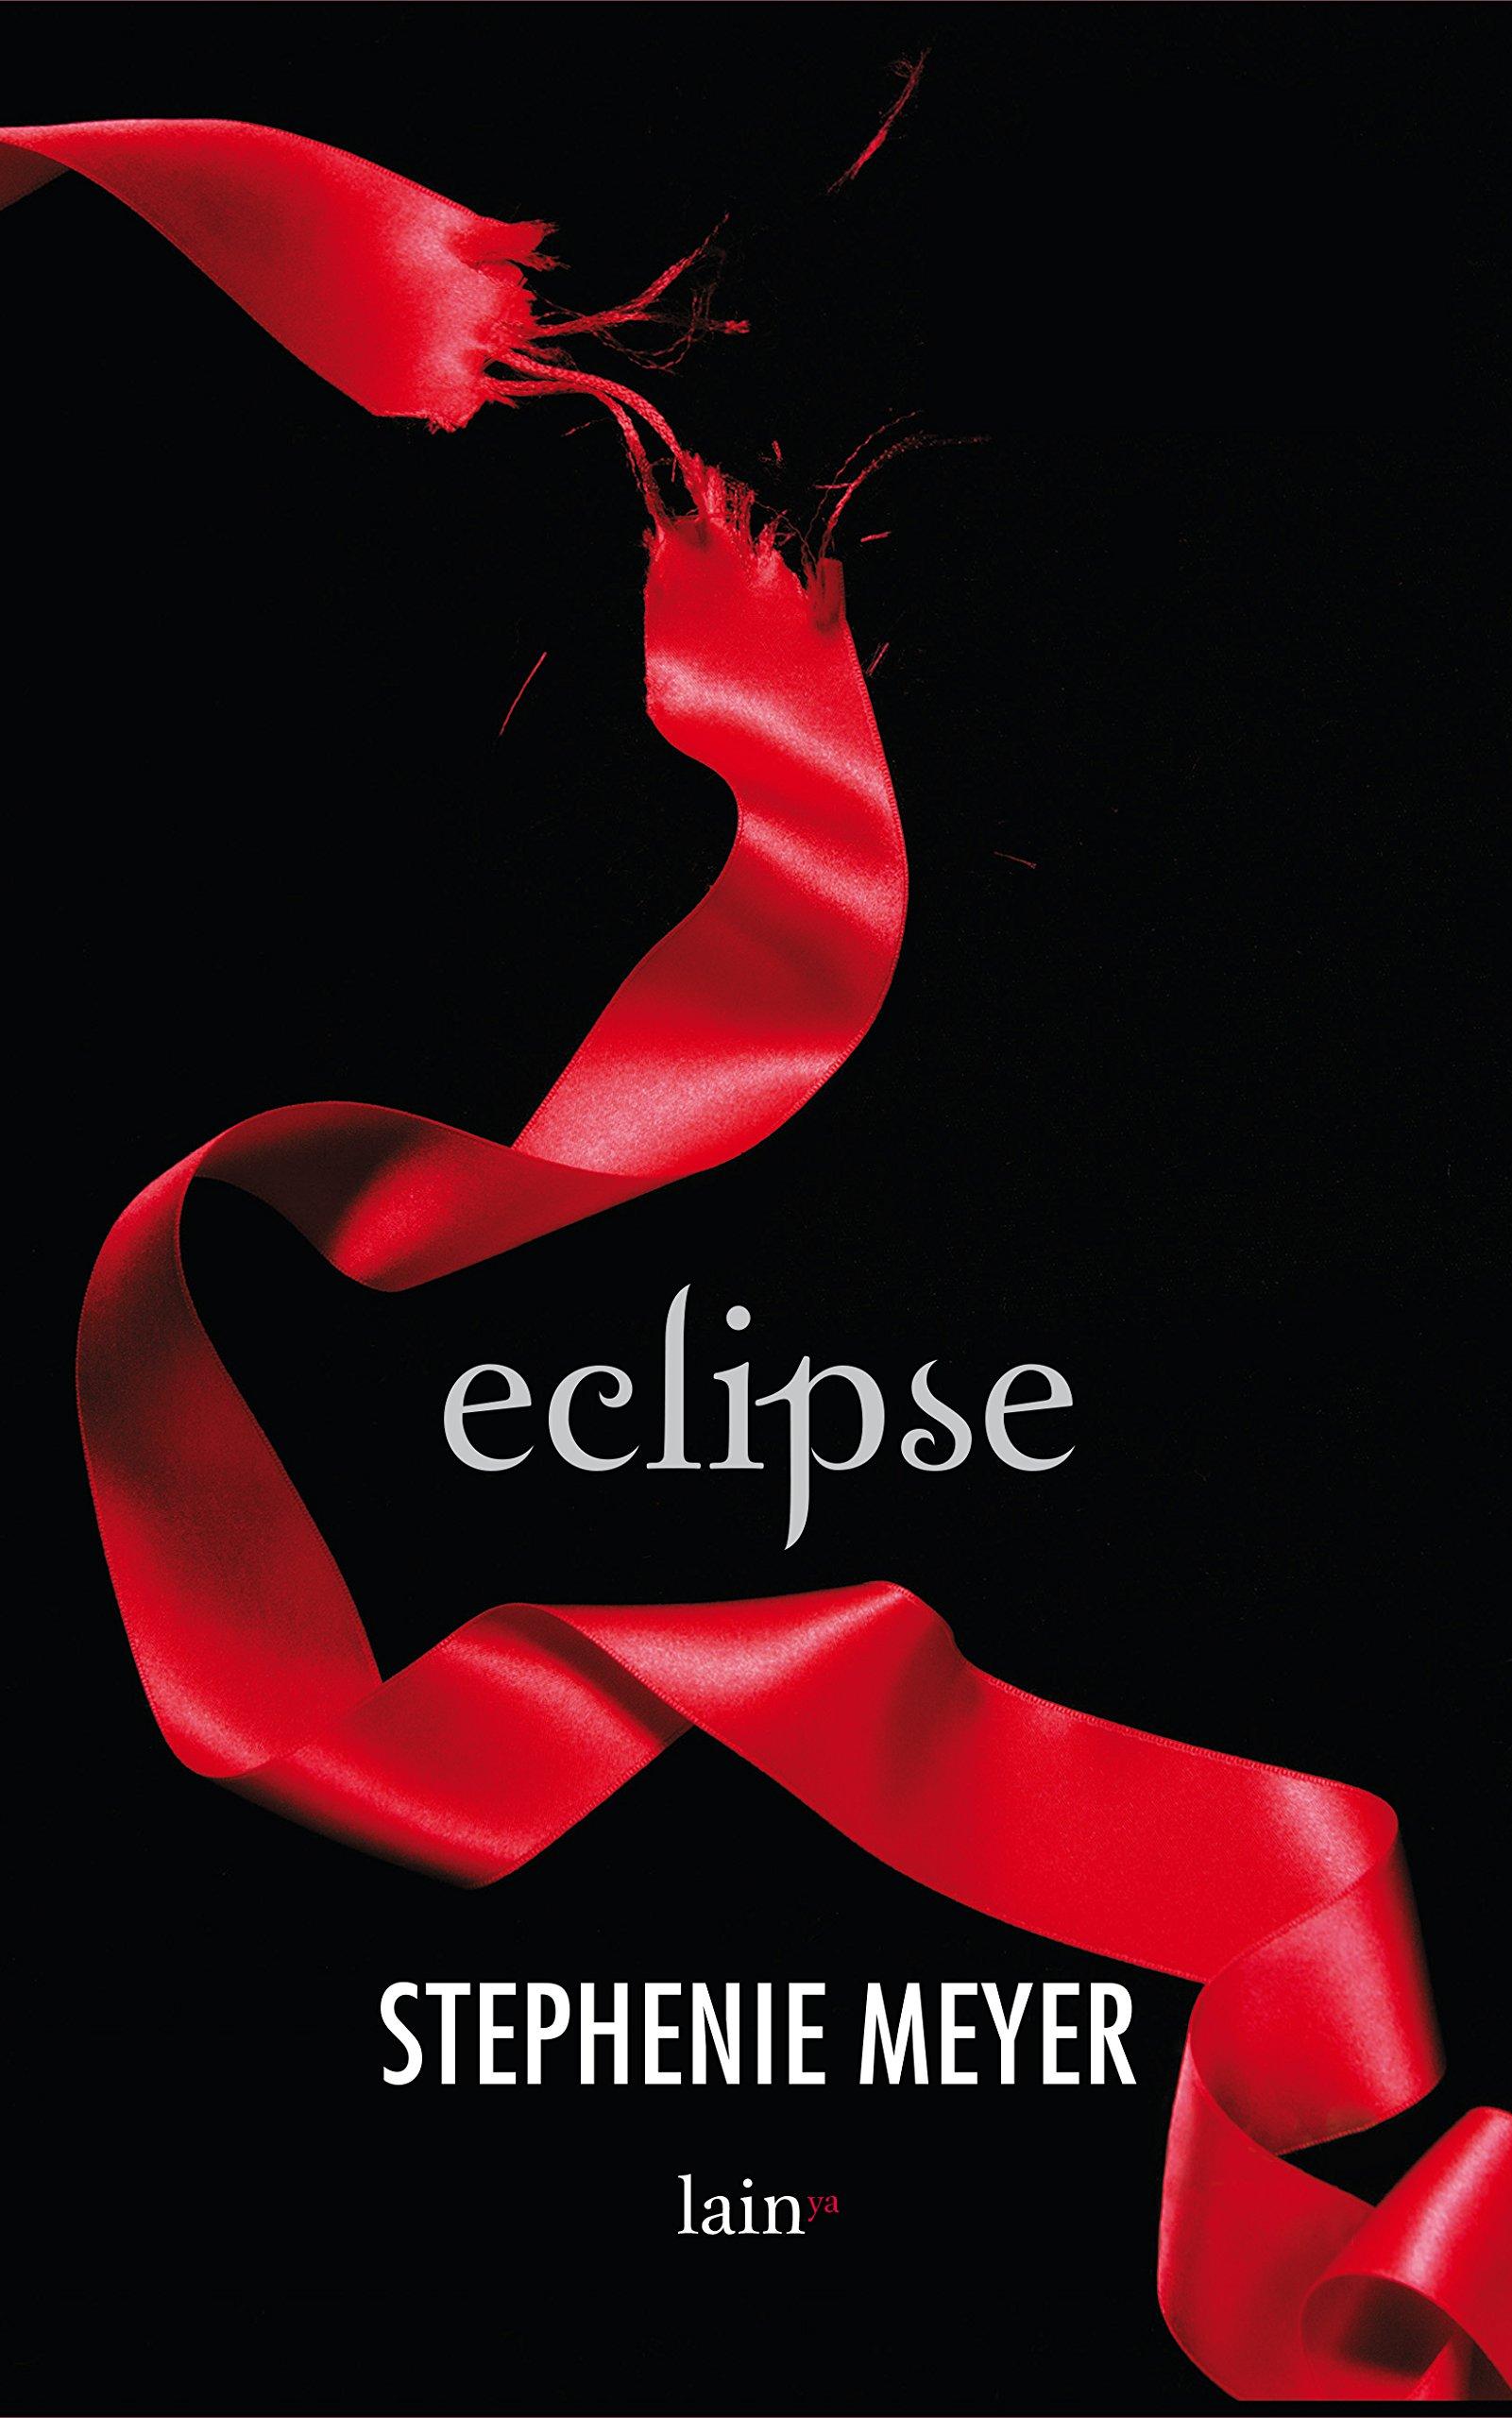 curiosità-eclipse-stephenie-meyer-copertina